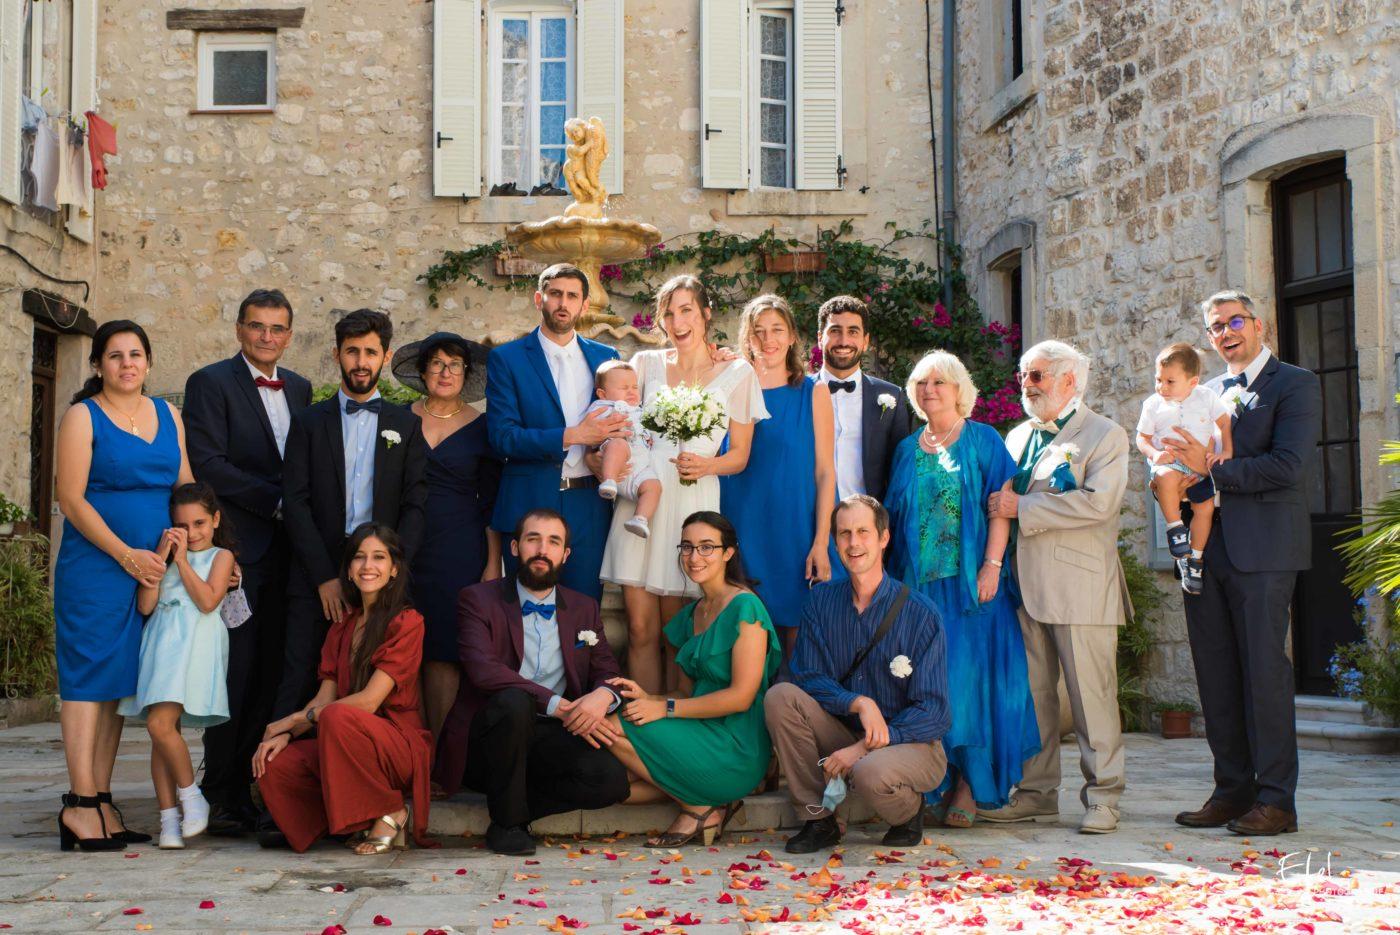 photo de groupe sur le parvis de la mairie - reportage de mariage en Provence et dans les hautes alpes